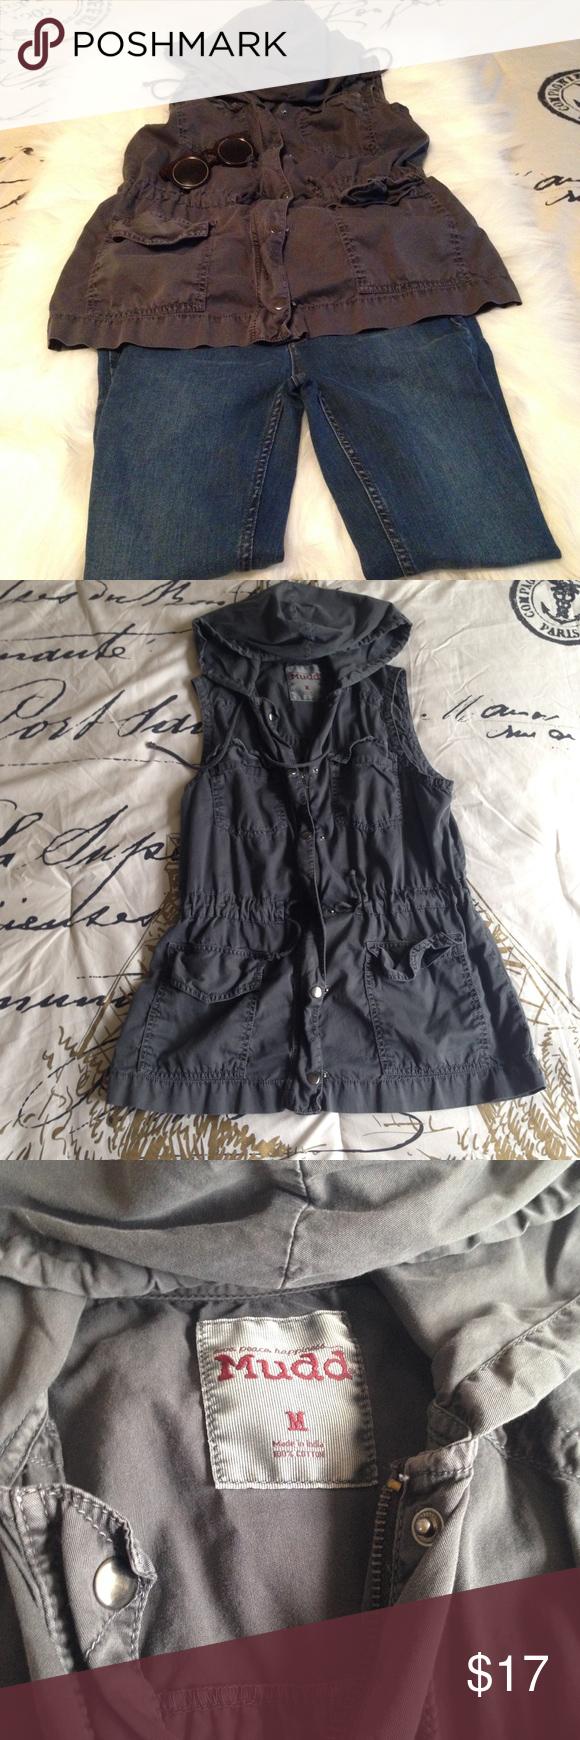 f948e87b1f4a3 Sleeveless Cargo Jacket Dark green sleeveless hooded cargo jacket Size  medium Drawstring waist Cargo pockets Mudd Jackets   Coats Utility Jackets